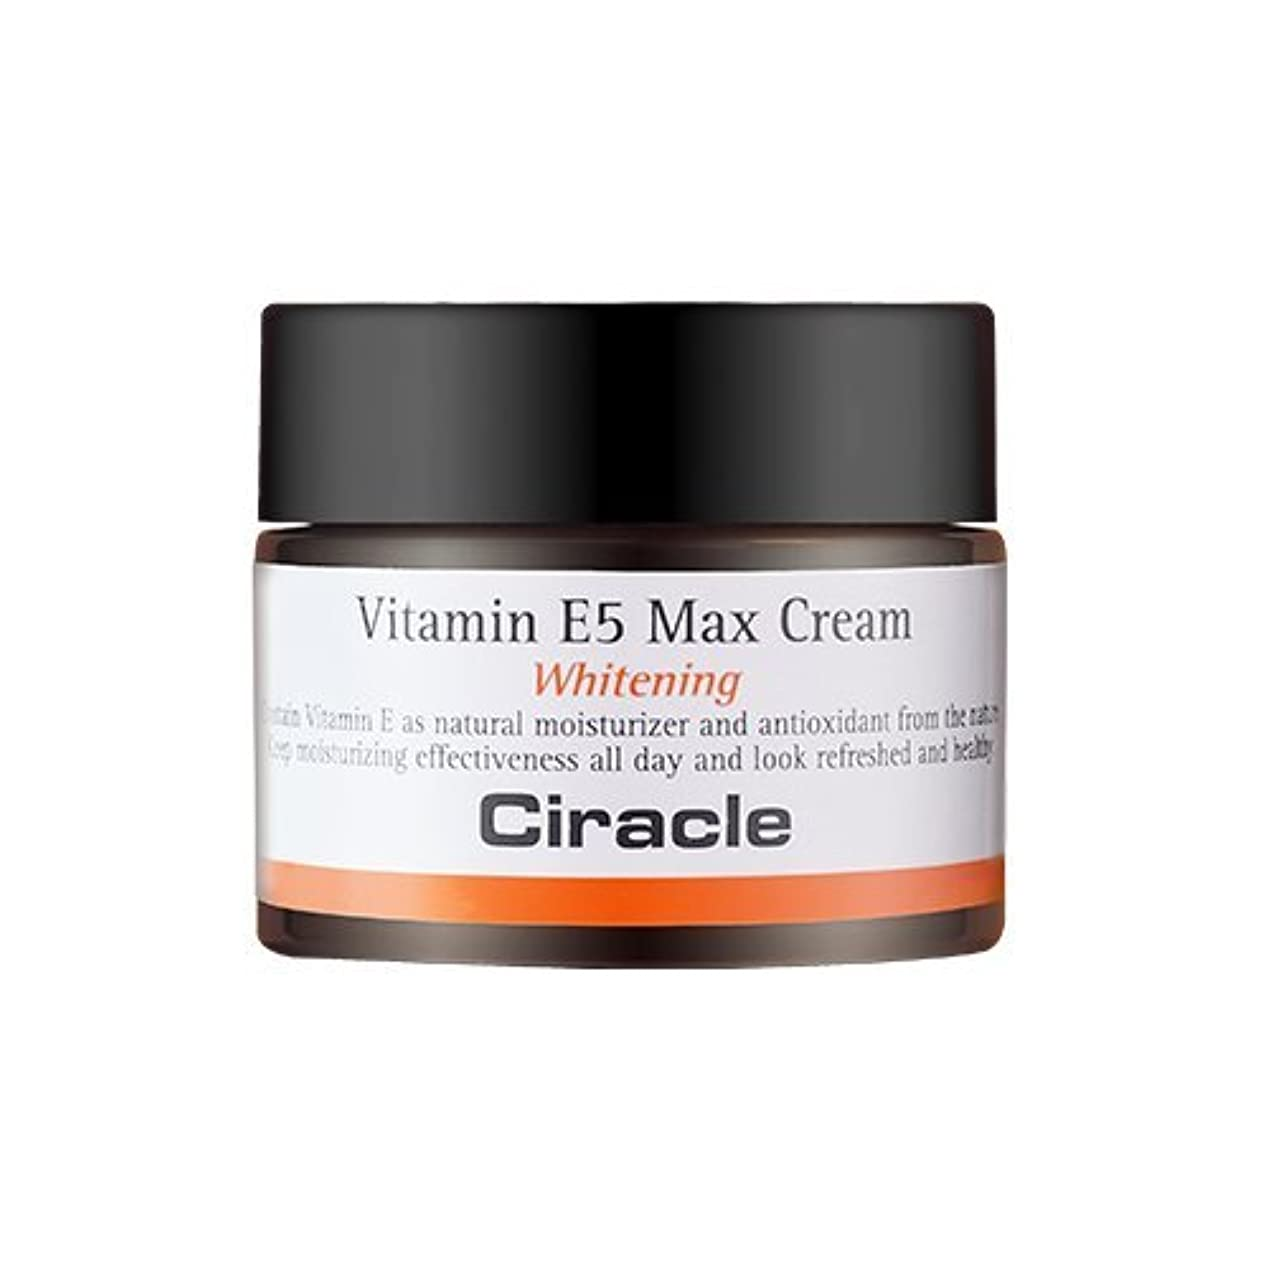 老朽化したモニカピアースCiracle Vitamin E5 Max Cream シラクル ビタミンE5 マックス クリーム 50ml [並行輸入品]